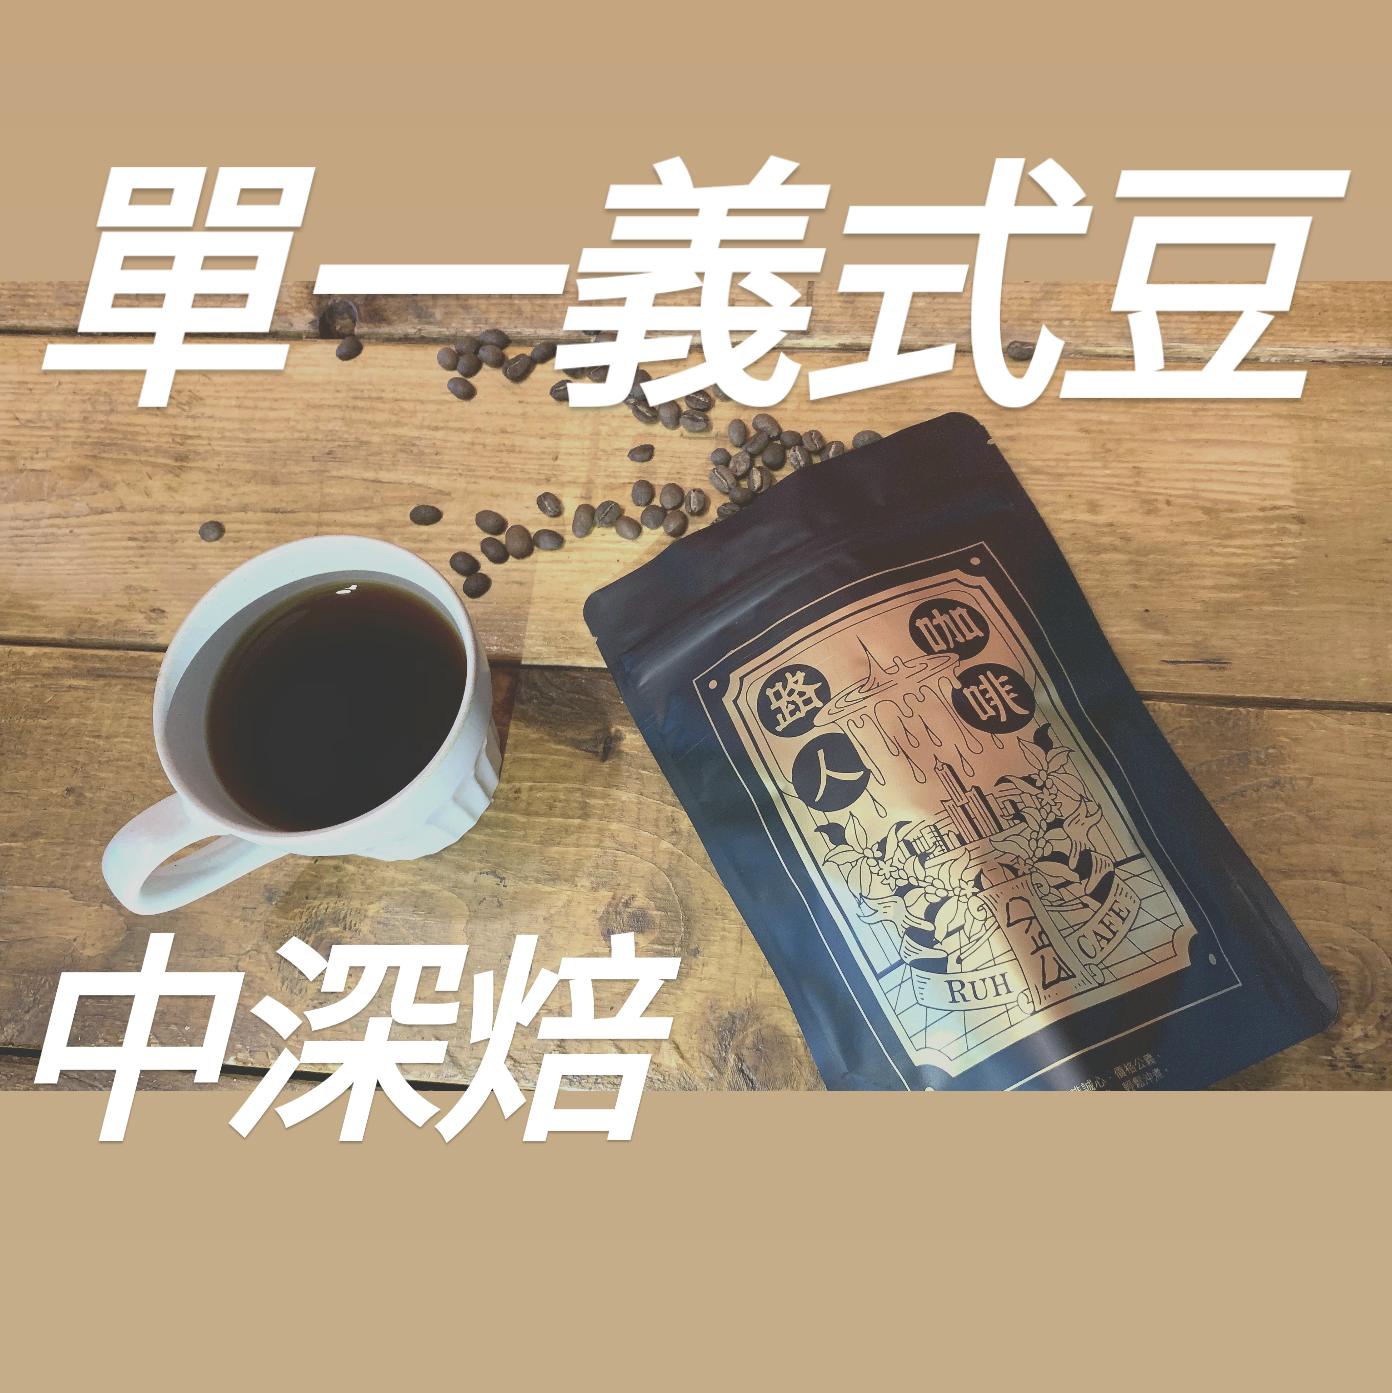 【路人咖啡】單一義式豆.宏都拉斯.中深焙.半磅 ✯適合牛奶調飲、義式濃縮 0